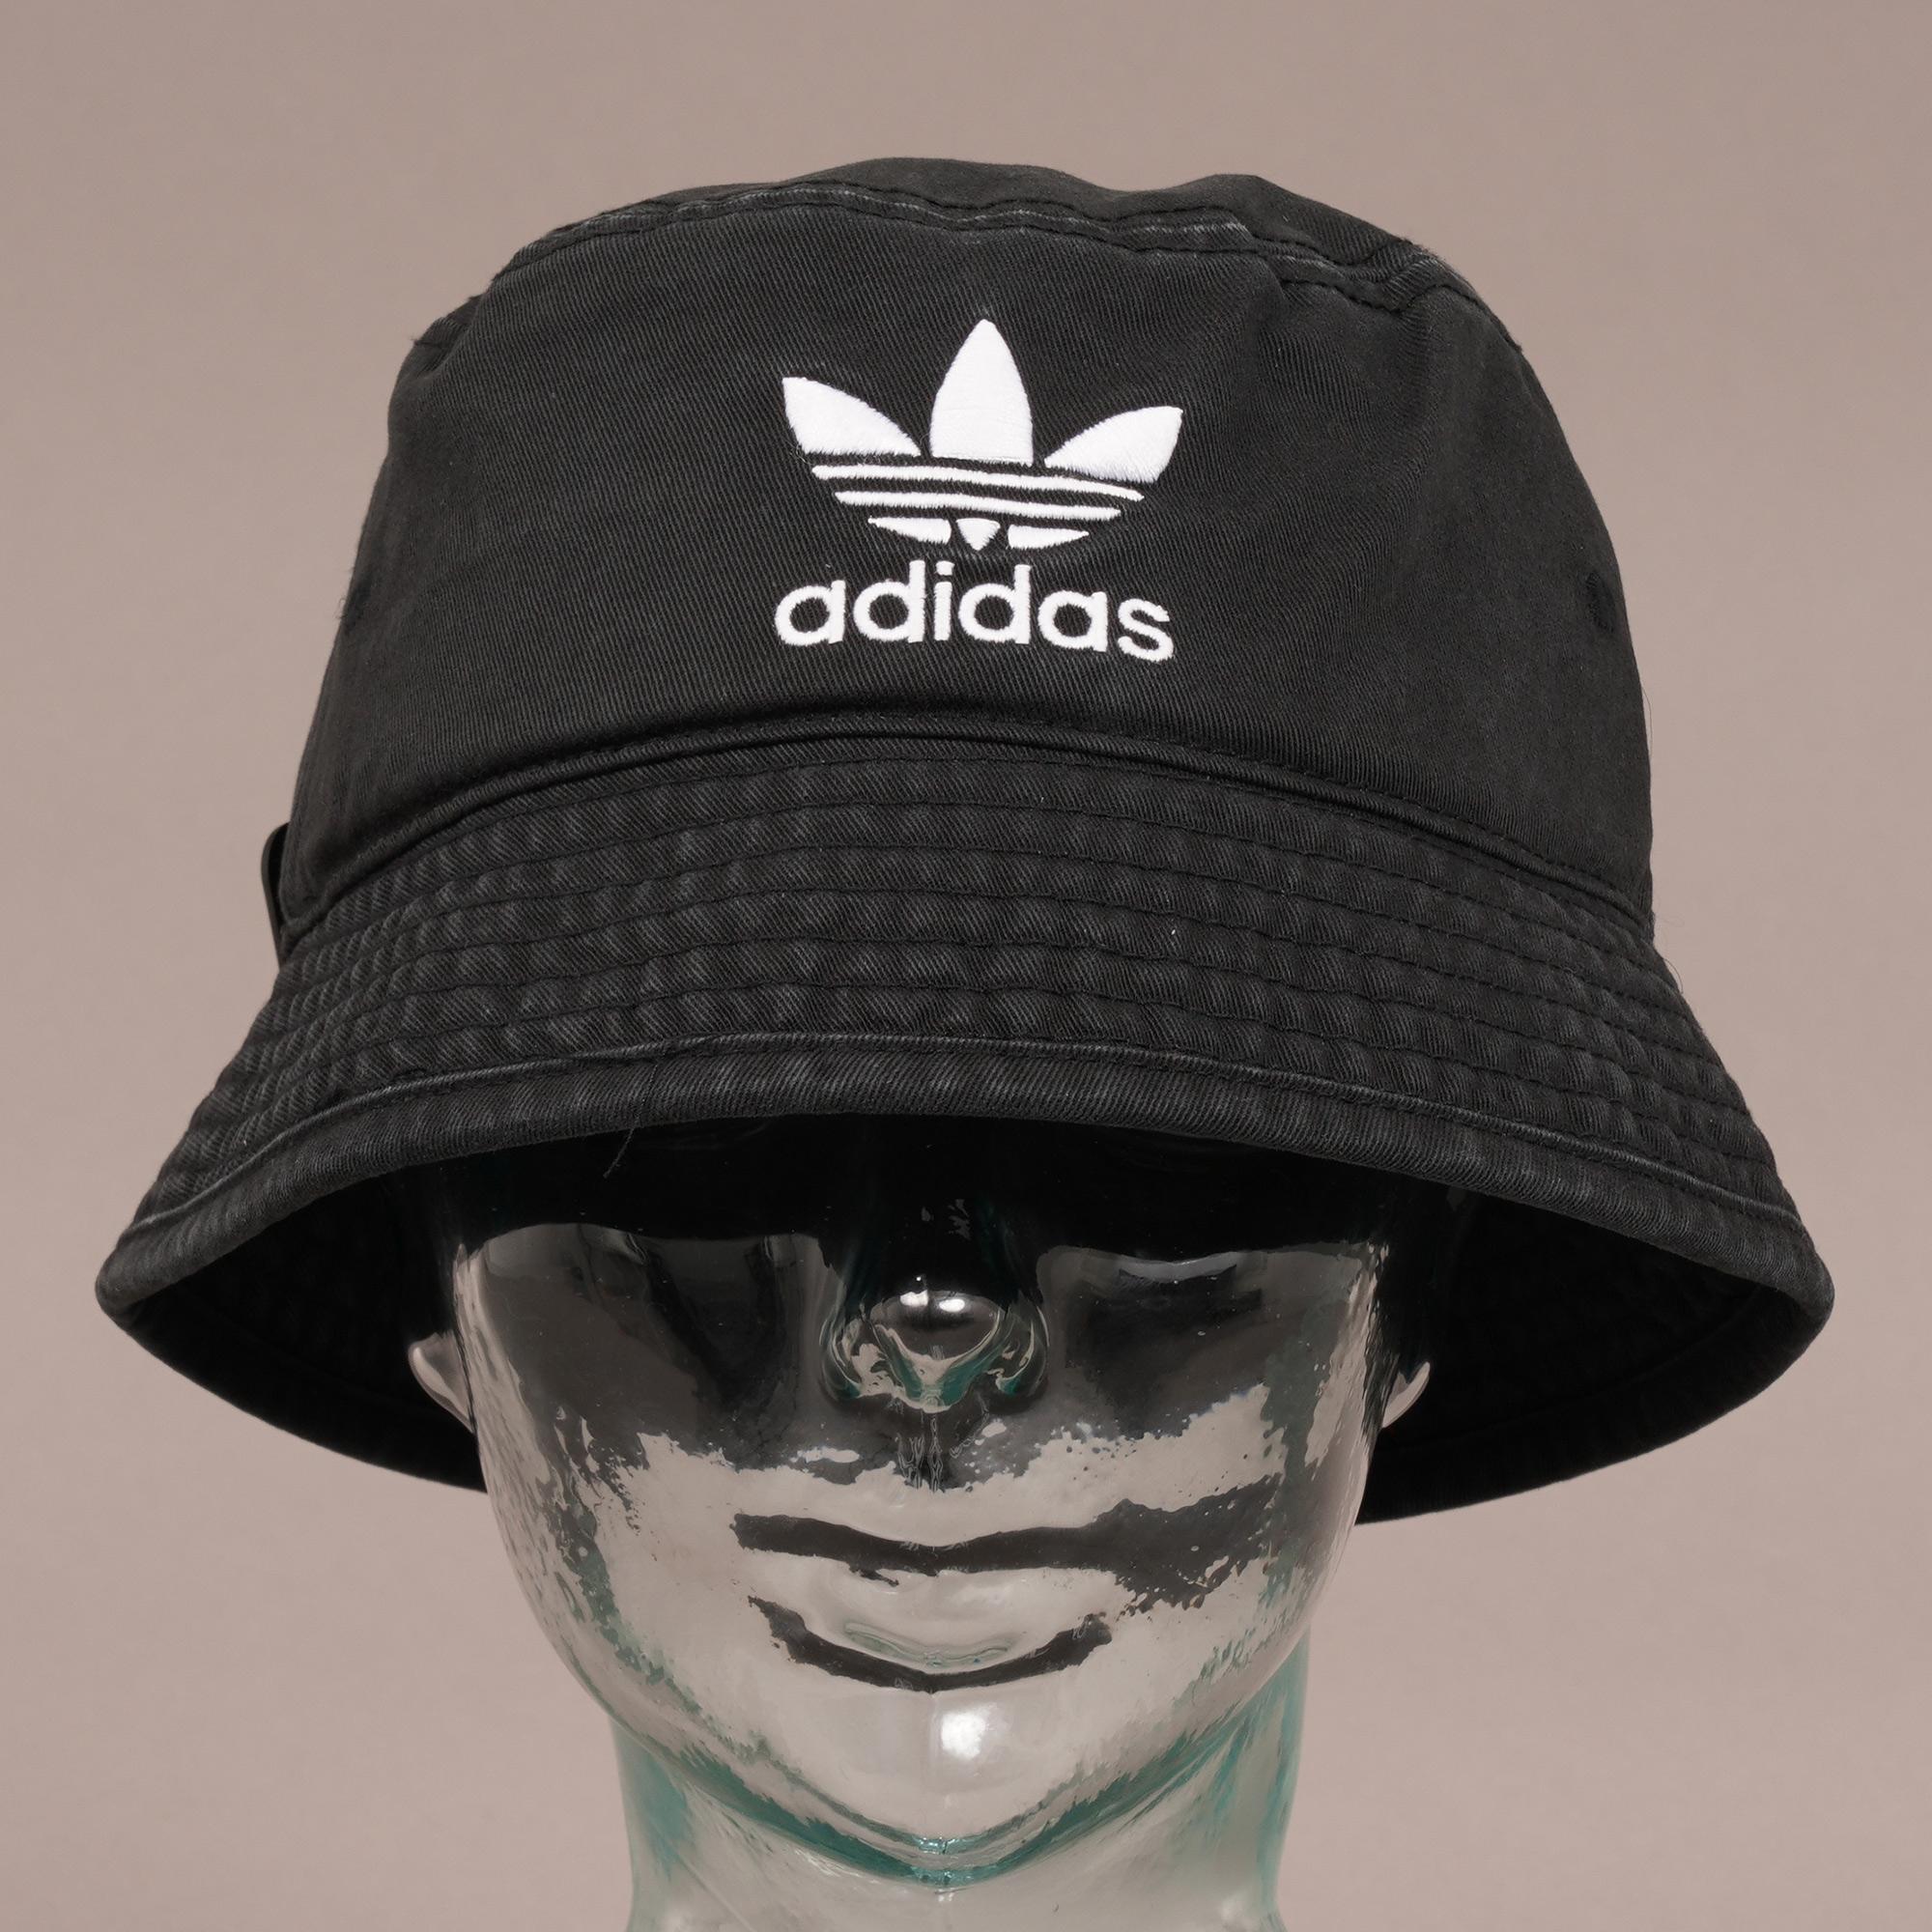 49c26ad6 ... italy adidas originals trefoil bucket hat black for men lyst. view  fullscreen 2432a 50c5e